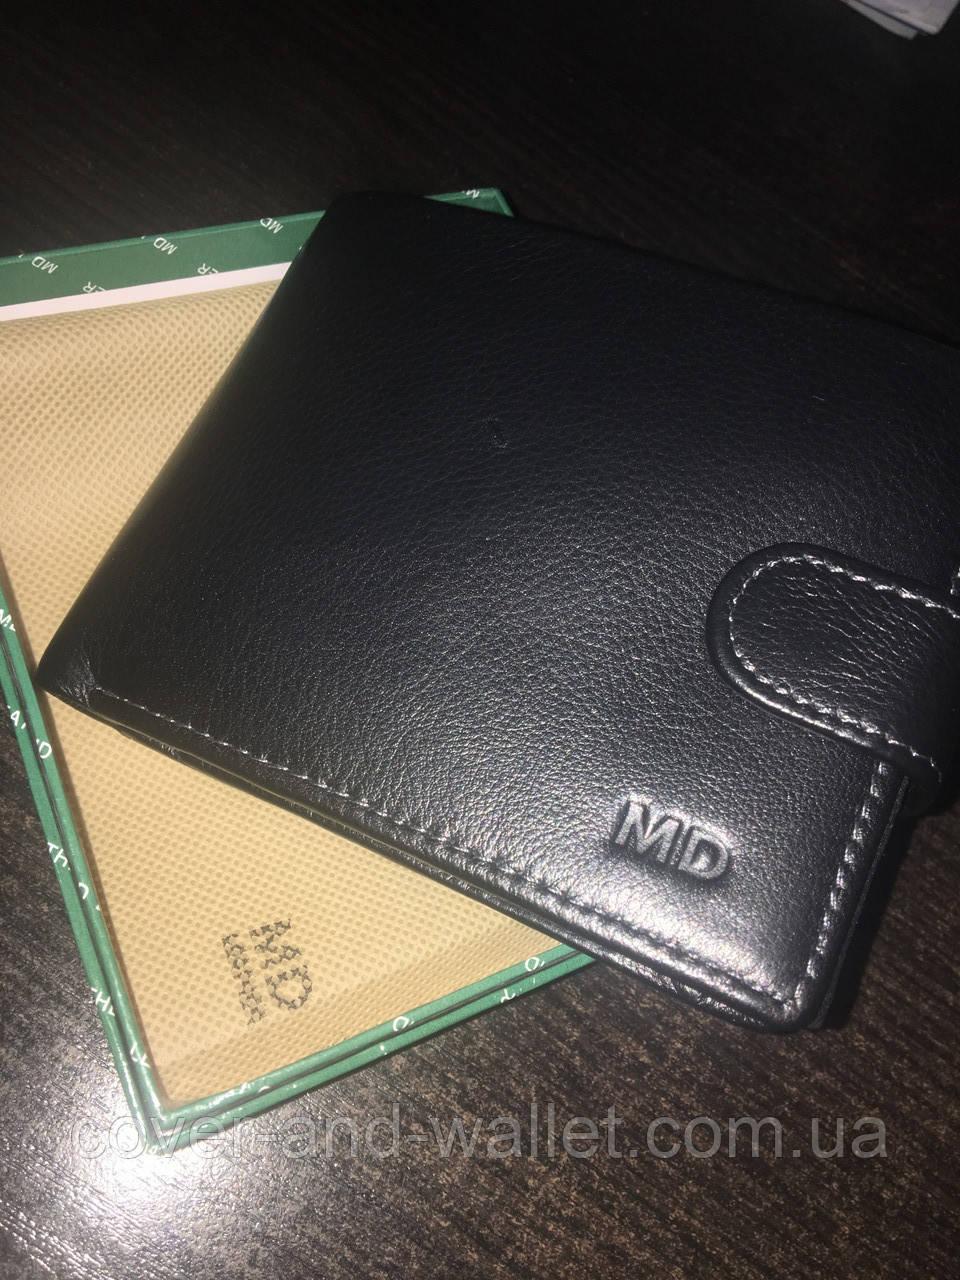 b1a855227177 Элегантный мужской портмоне из натуральной кожи MD LEATHER: продажа ...